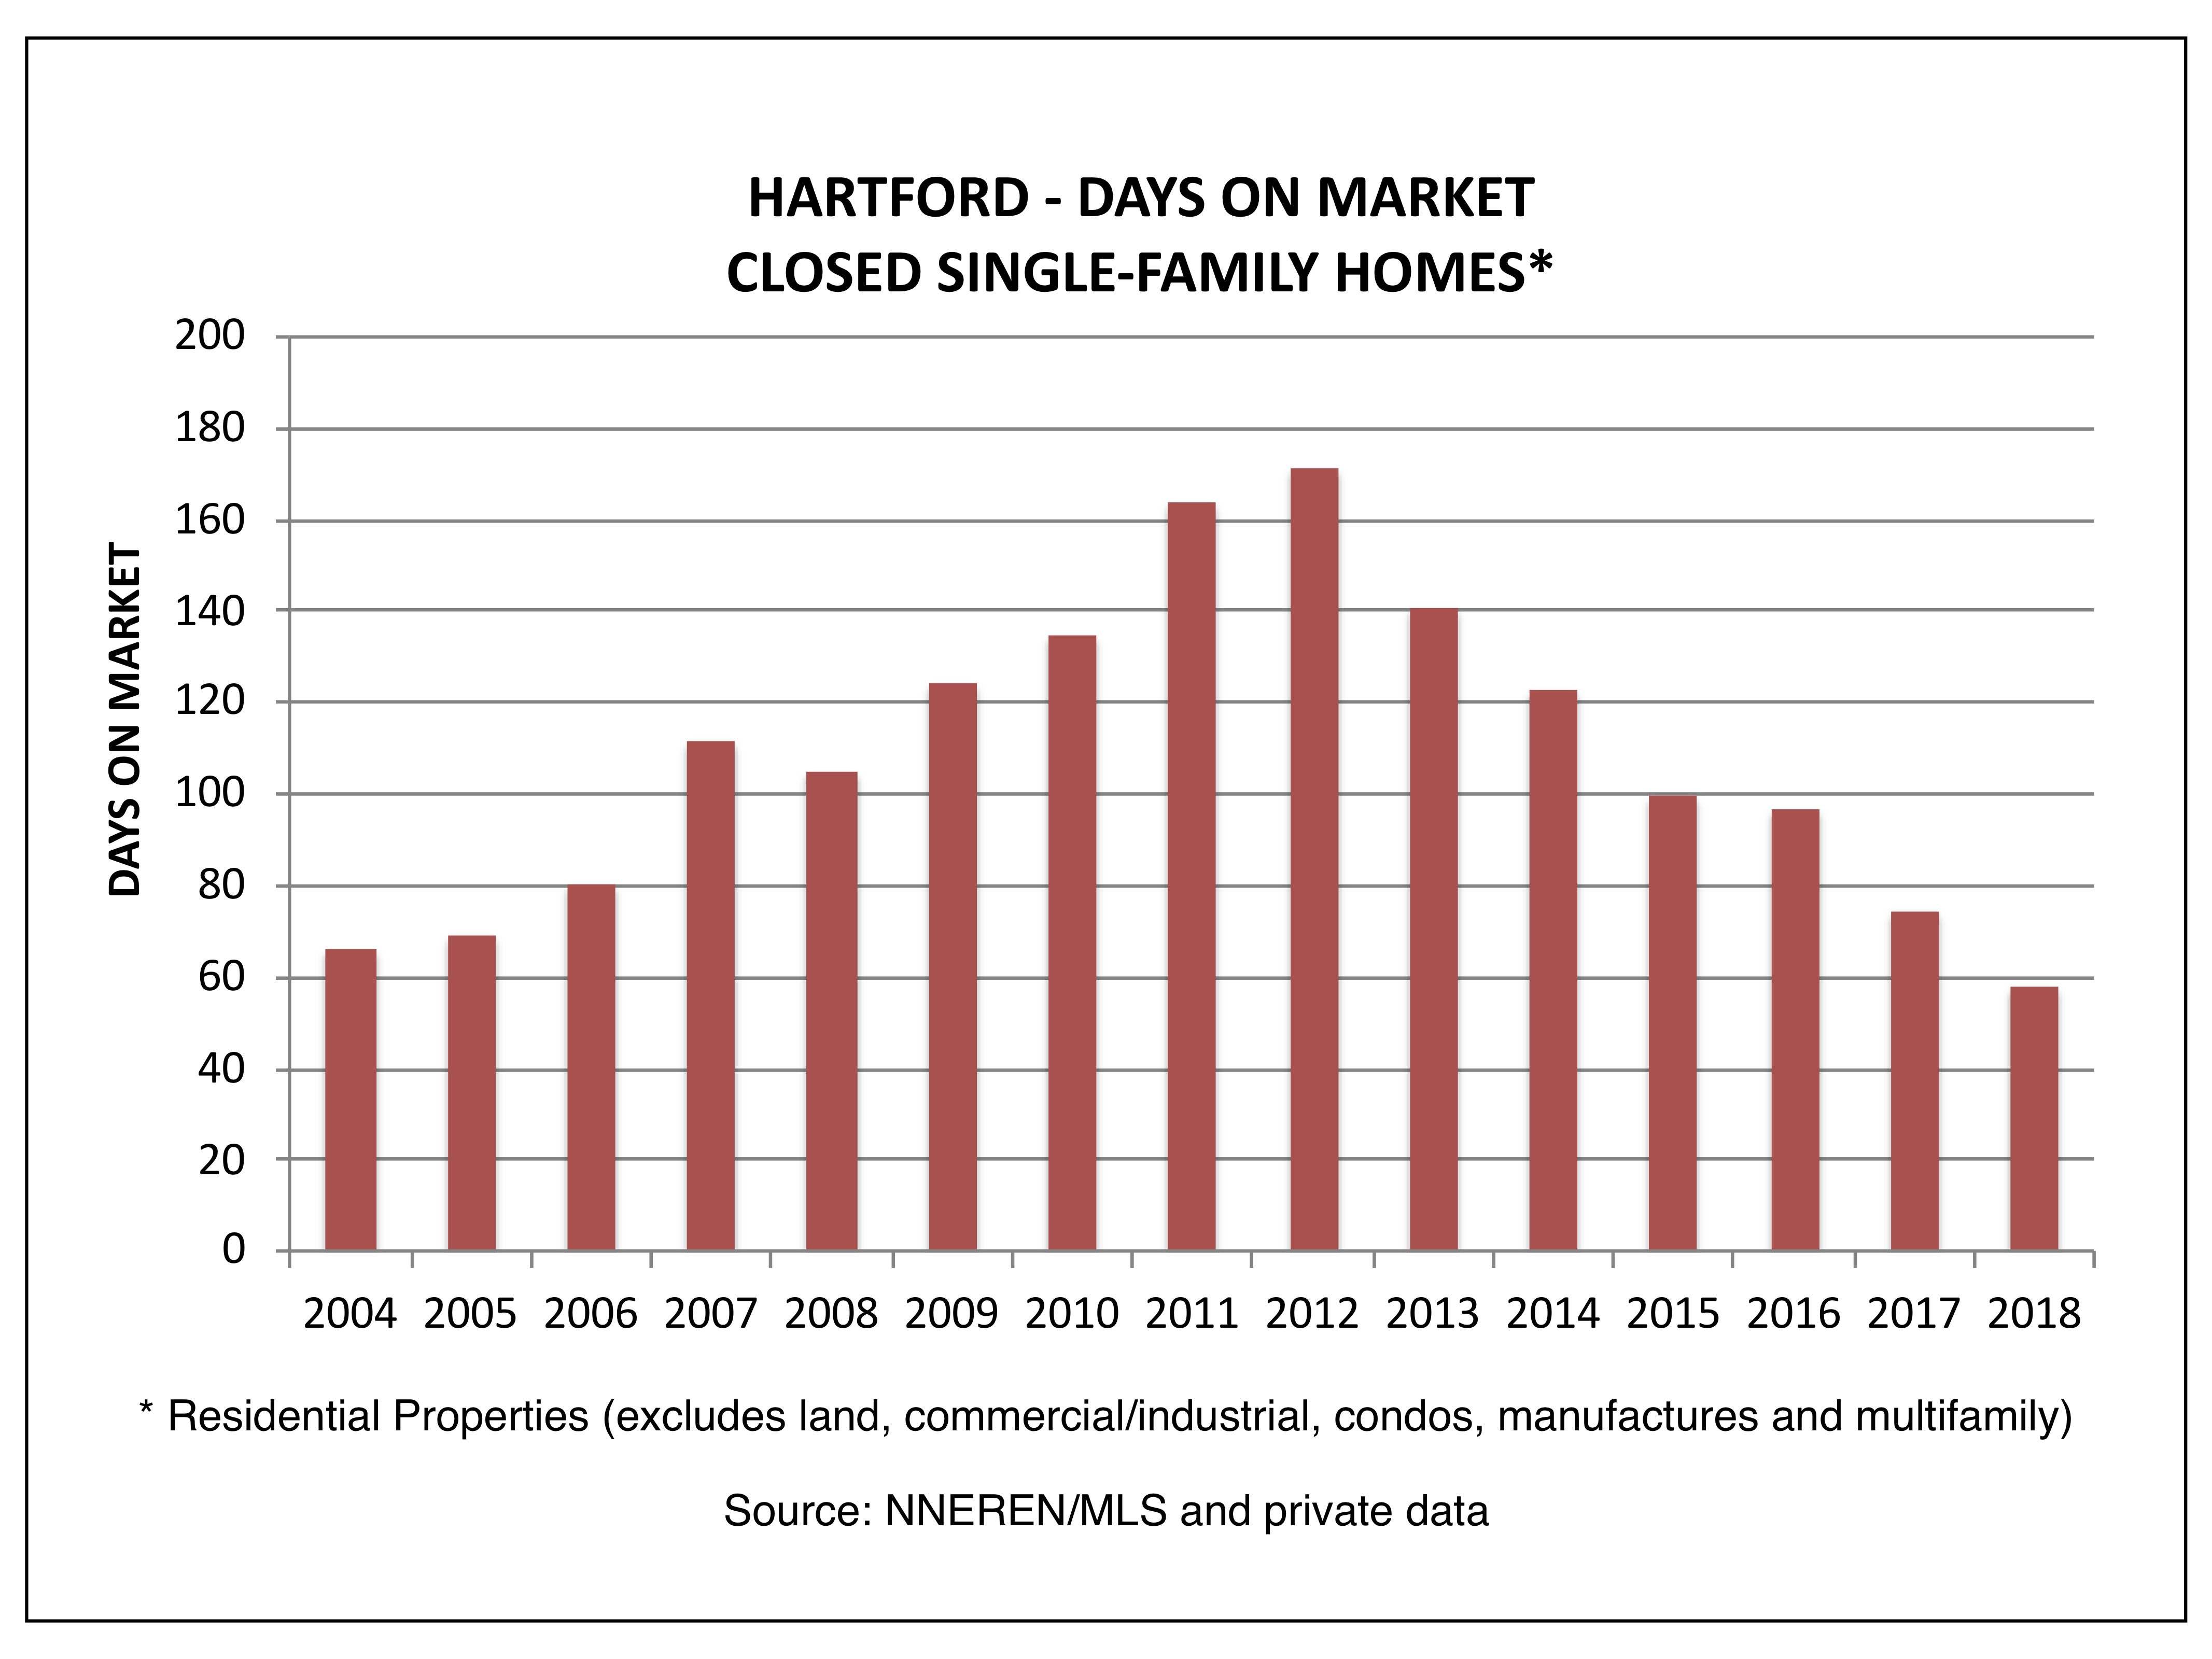 Hartford VT - Days on Market, Closed Homes